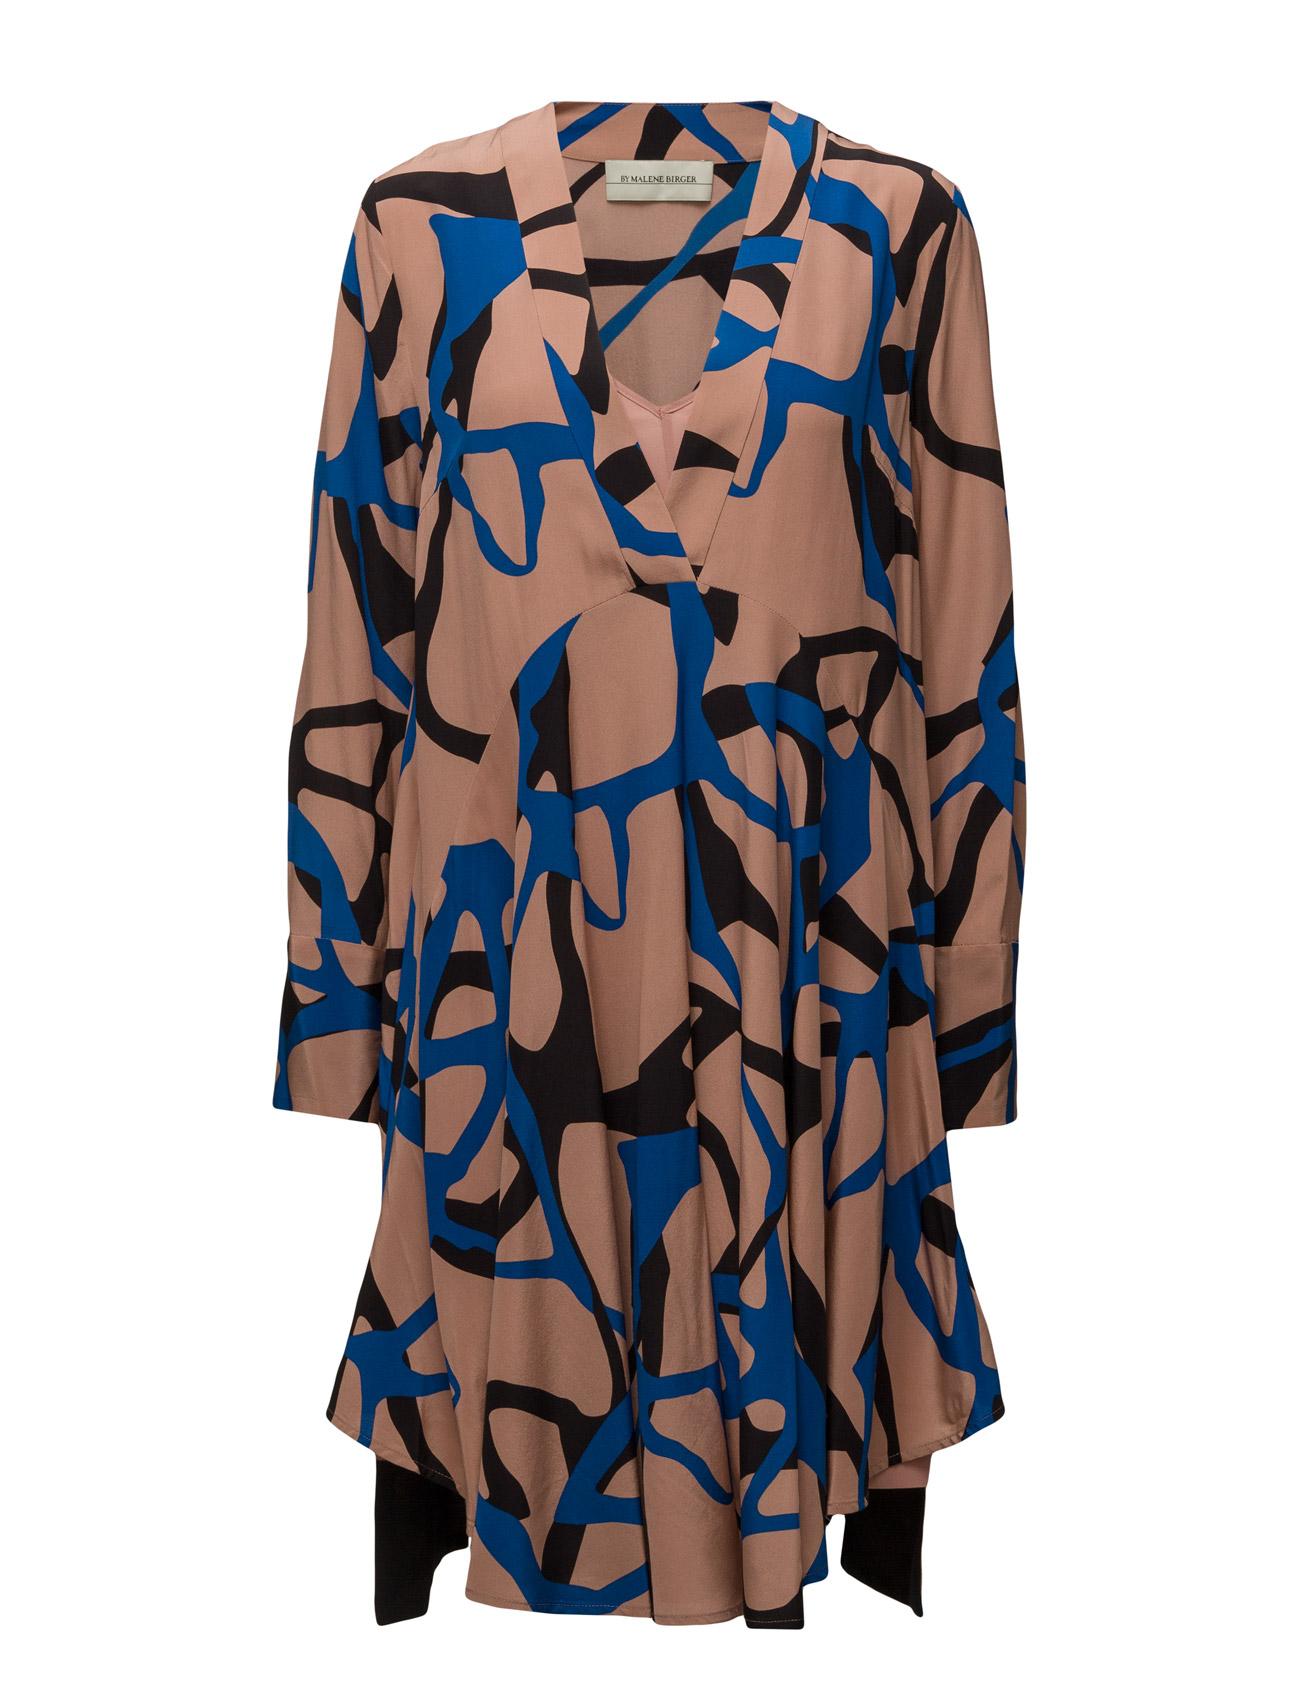 caa5adde2ca8 Cawit By Malene Birger Korte kjoler til Kvinder i Læbestift